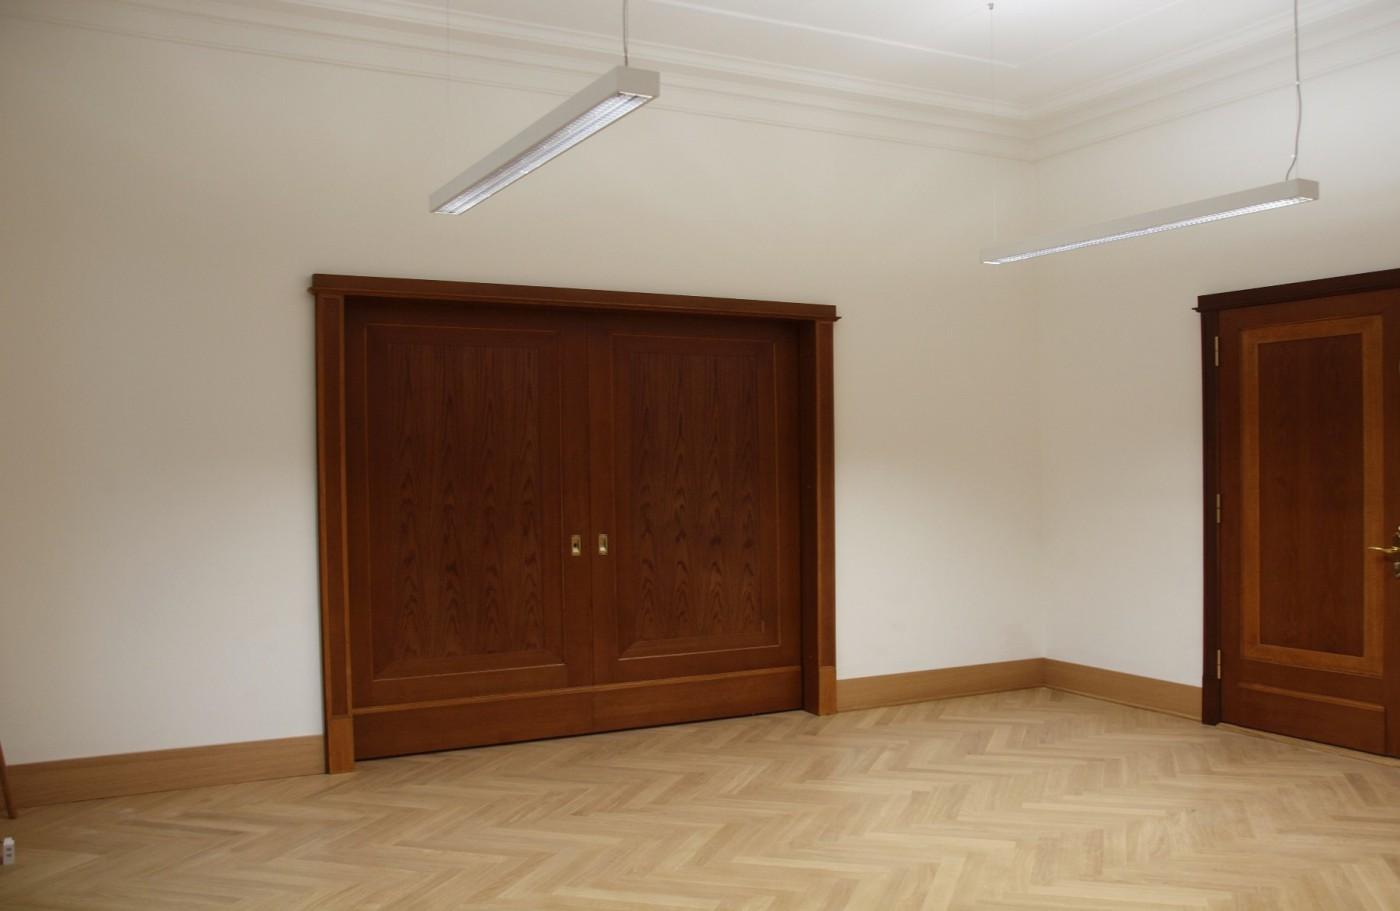 ww_Bildung_Torhaus_A_Kassel_1